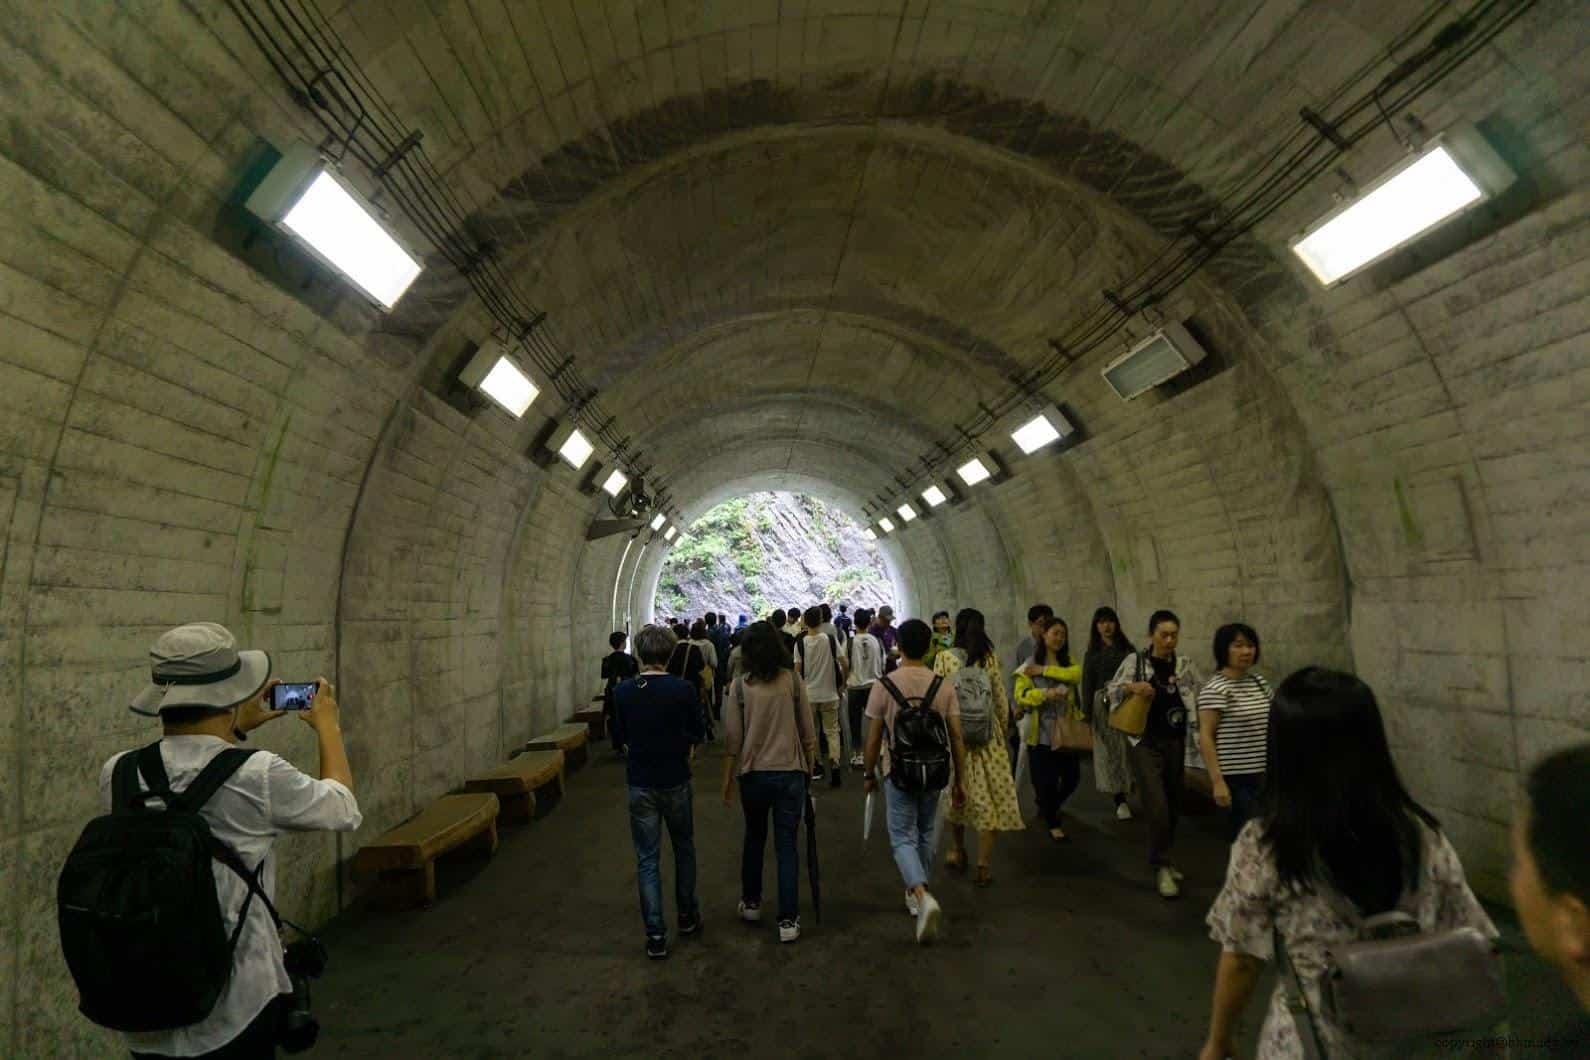 隧道中的第一個觀景台,沒有任何的裝置藝術,最忠實的呈現出清津峽溪谷地形壯闊 越後妻有 光洞 periscopelight cave 05